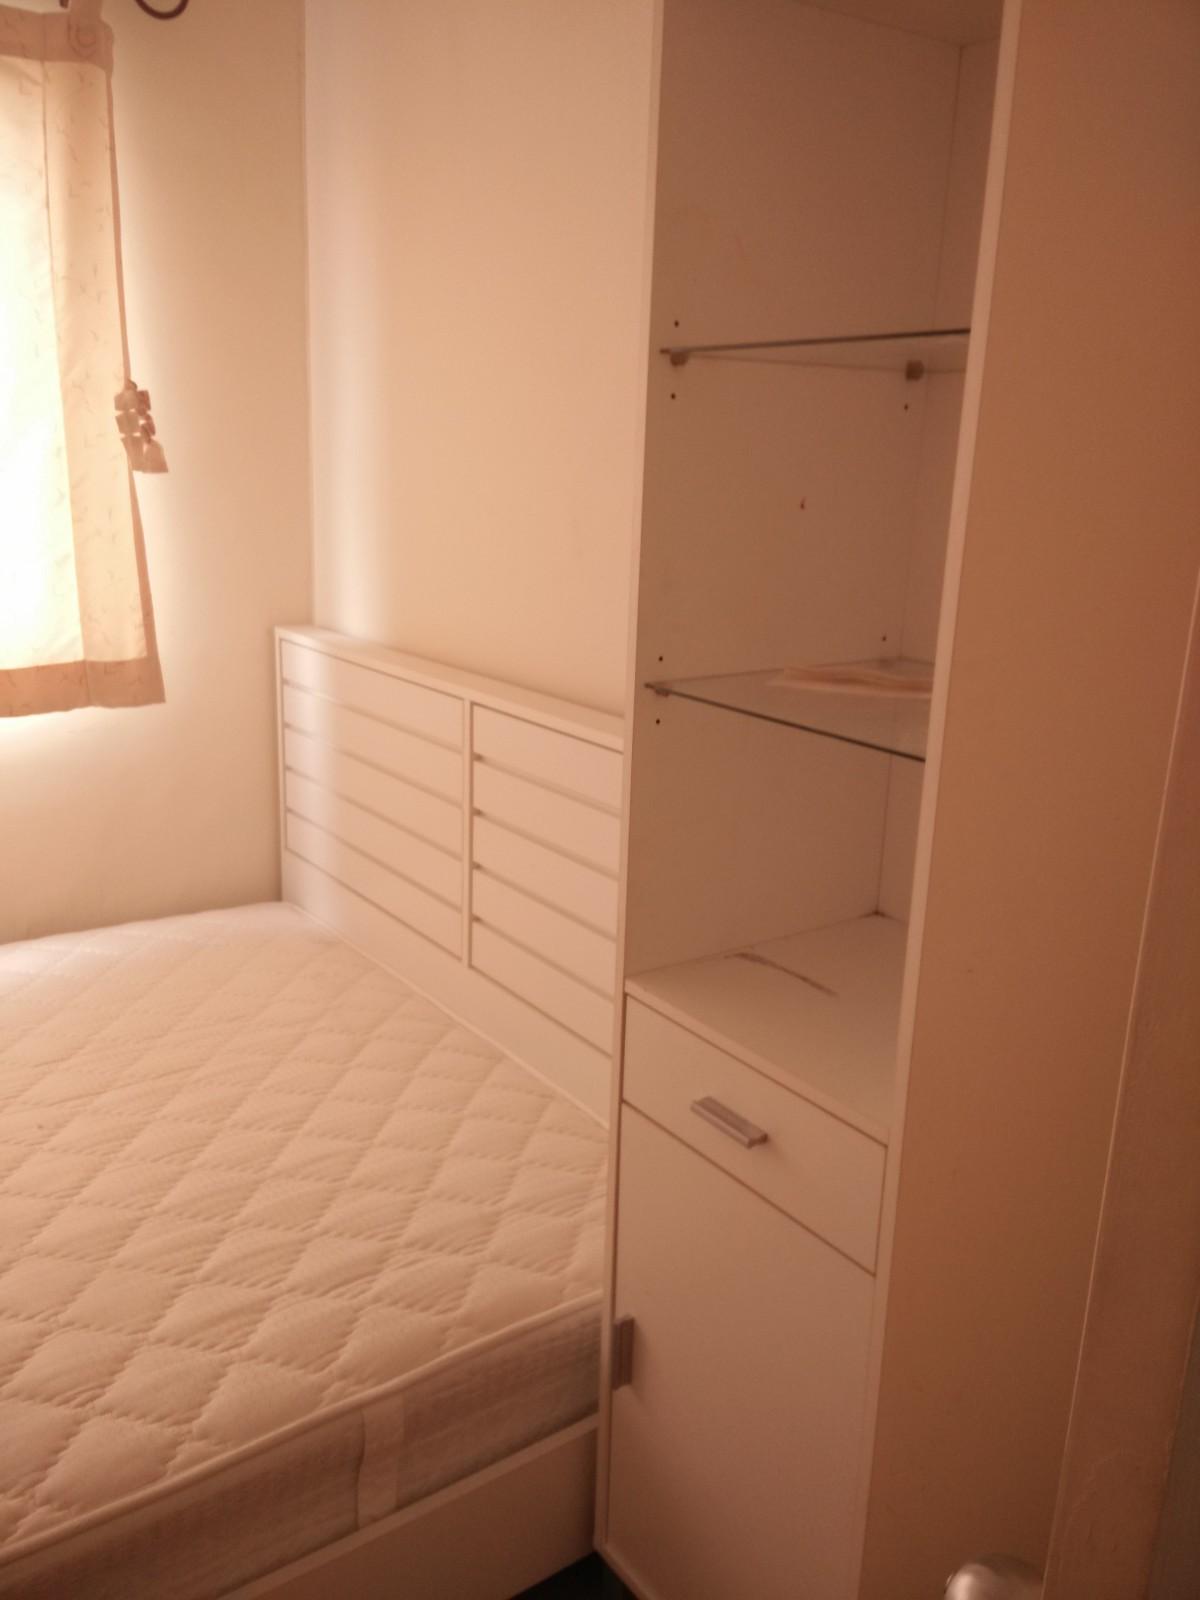 รูปของประกาศขายคอนโดลุมพินี คอนโดทาวน์ รัตนาธิเบศร์(1 ห้องนอน)(4)